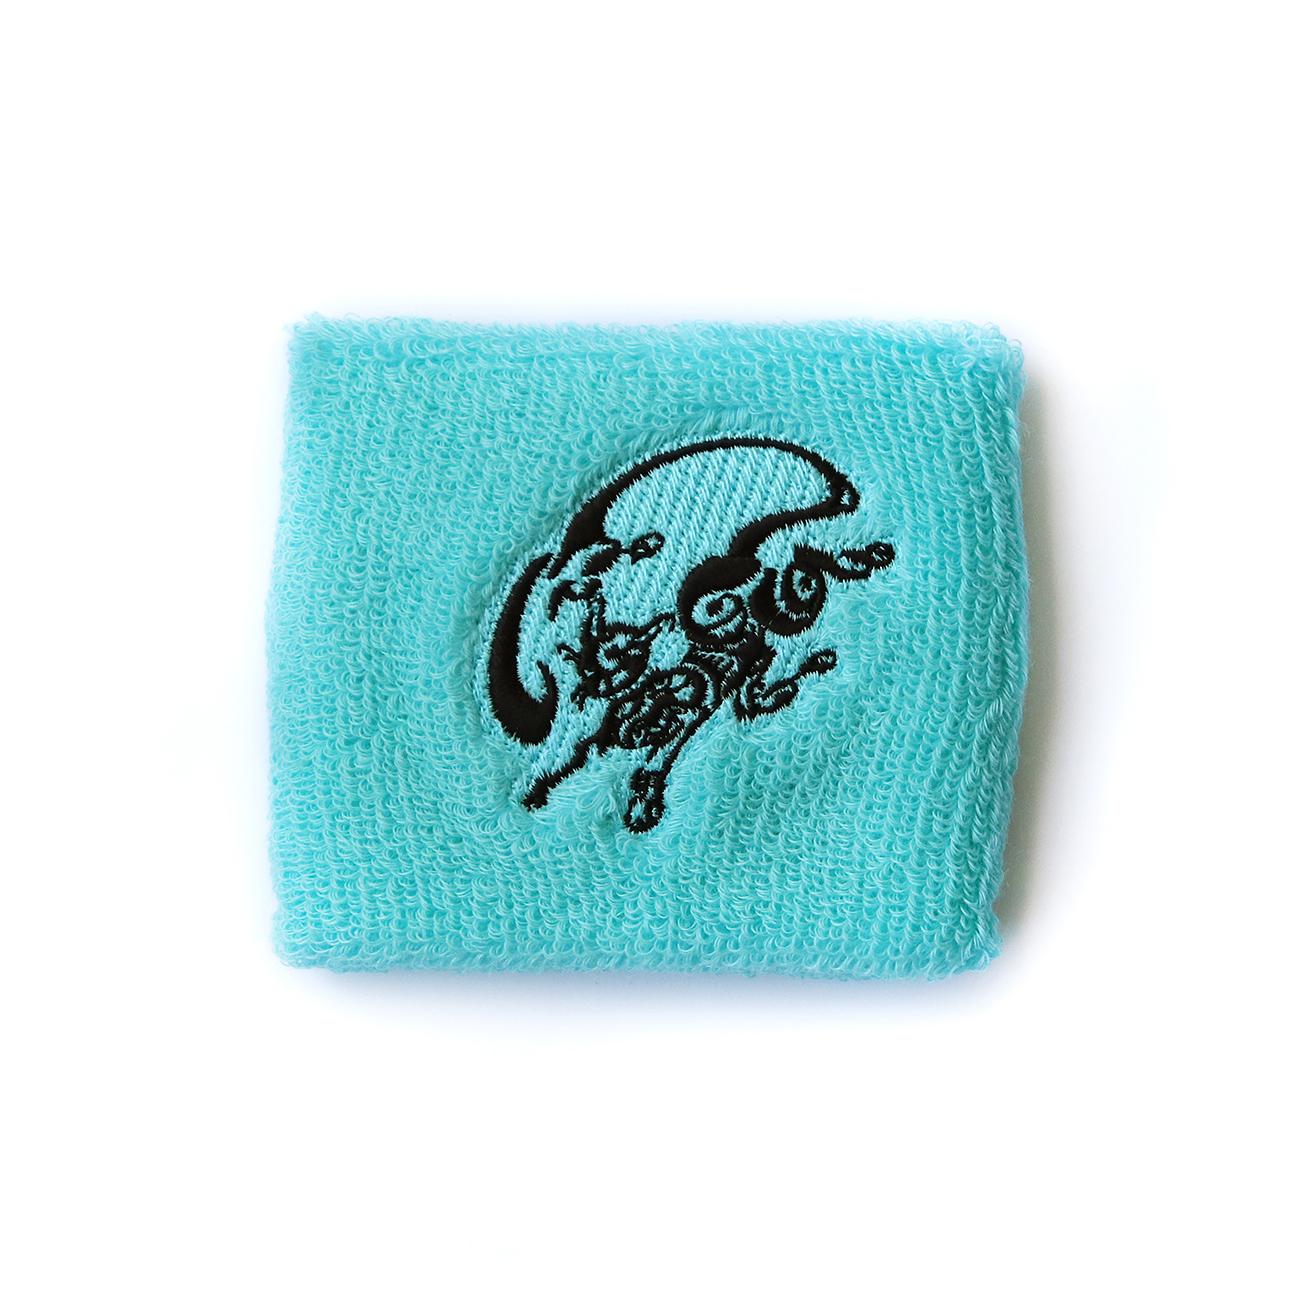 【17066】オリジナル刺繍/M1-60 アクアマリン